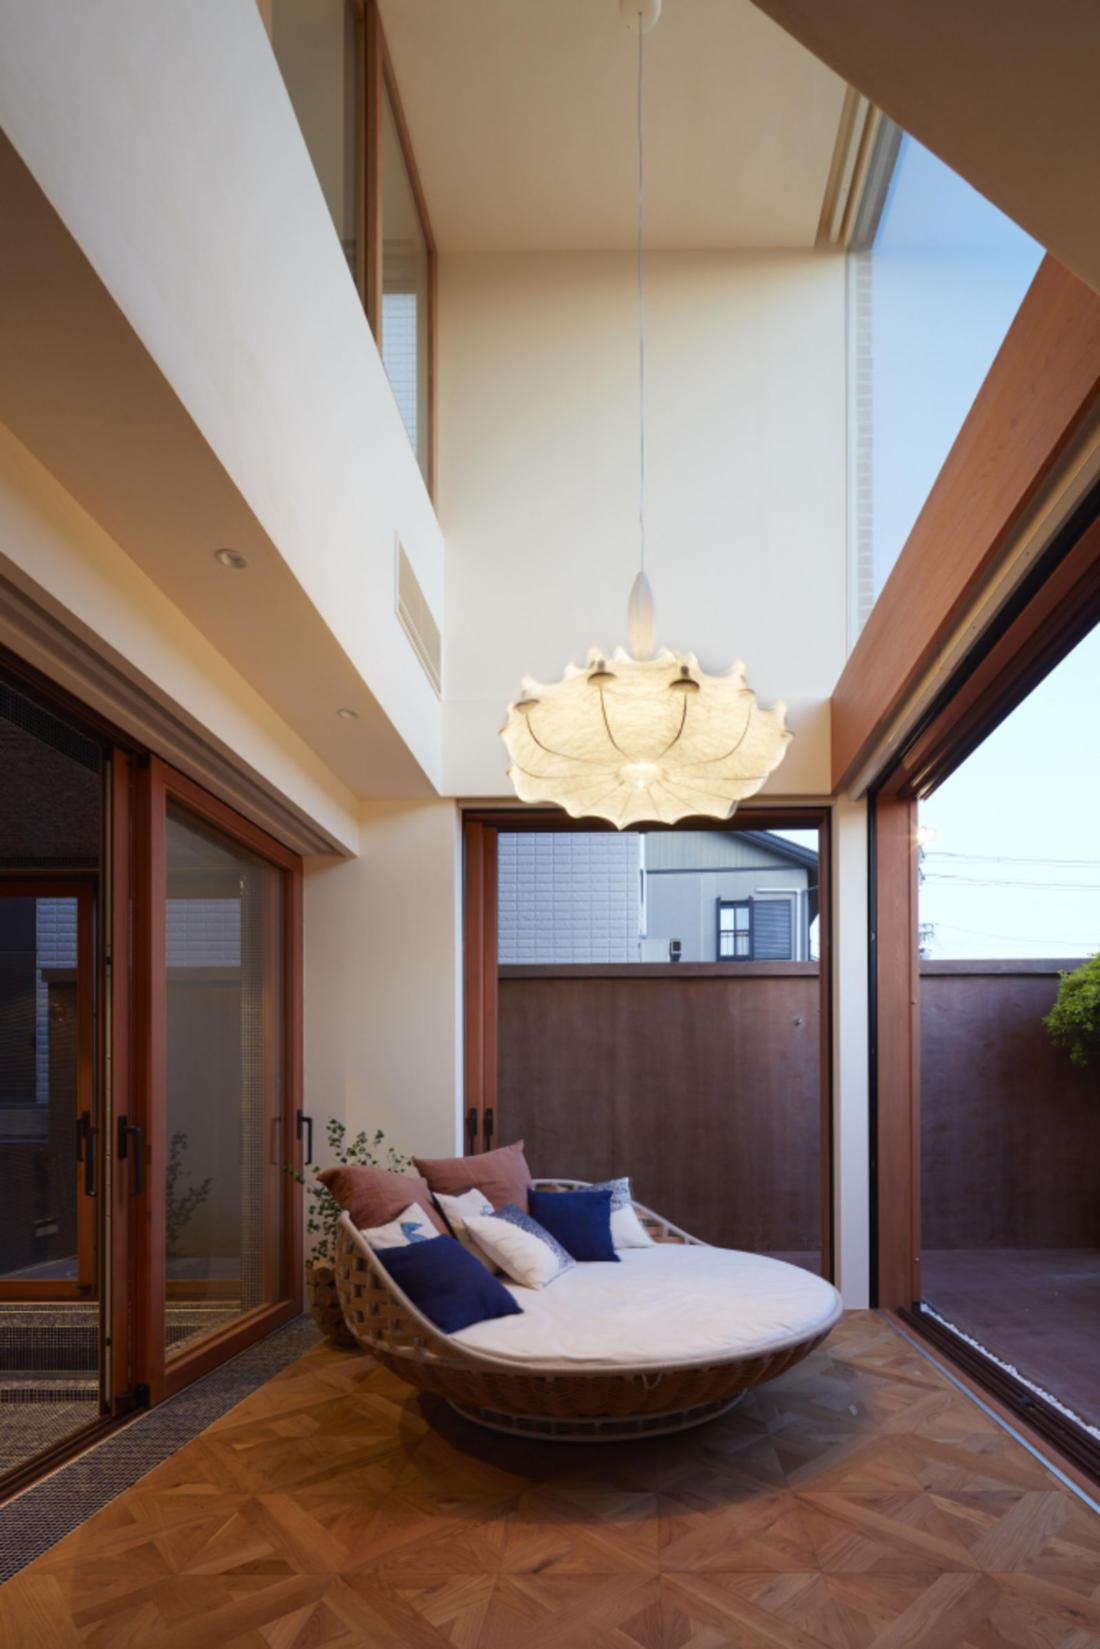 Дом в Хигасиосаке от ателье Fujiwaramuro Architects 19